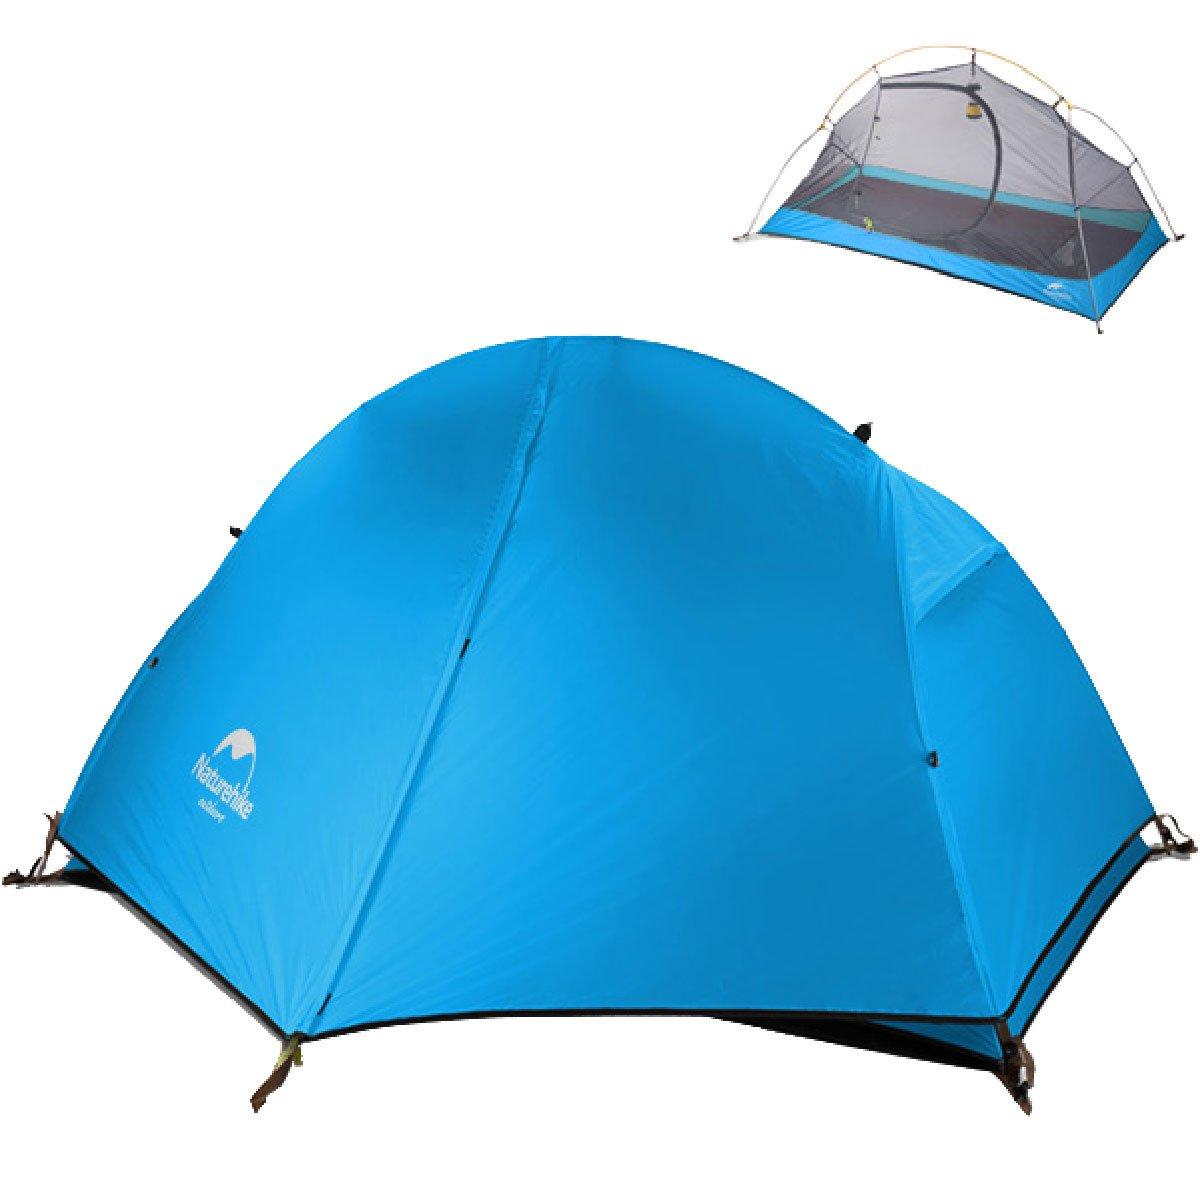 TRIWONDER Tienda de Campa/ña Ligera para 1-2 Personas Carpa con Doble Capa para Playa Acampar al Aire Libre